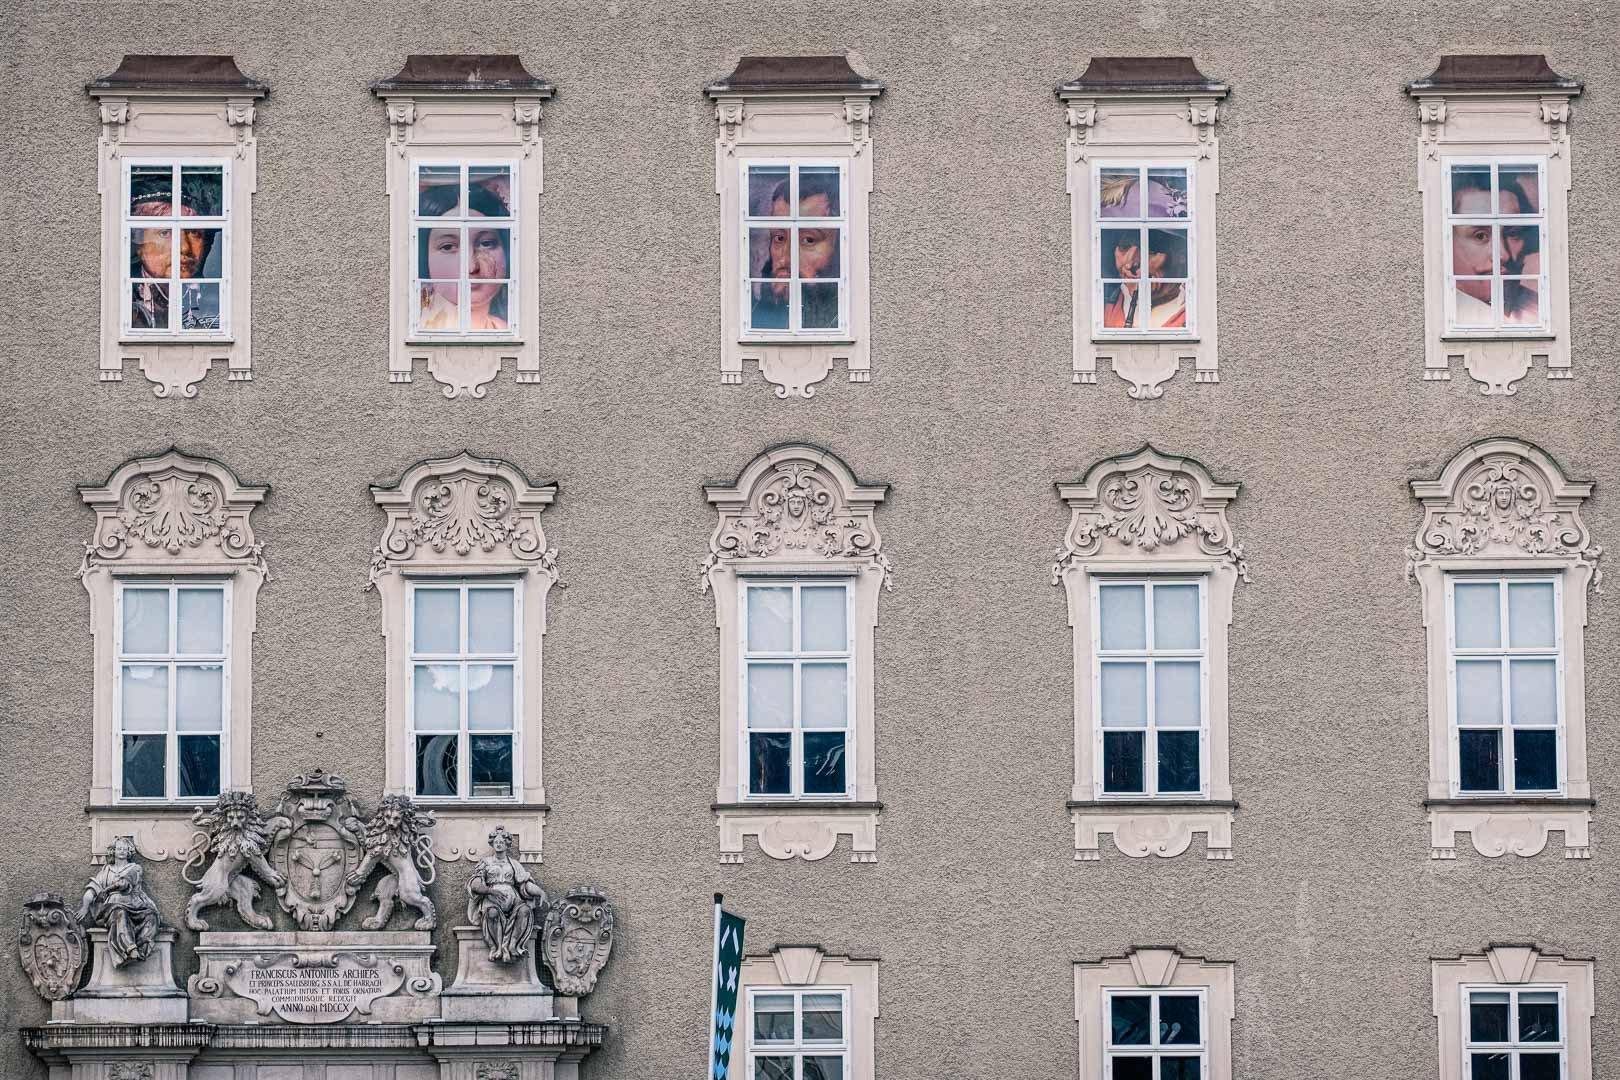 Die alte erzbischöfliche Residenz in Salzburg